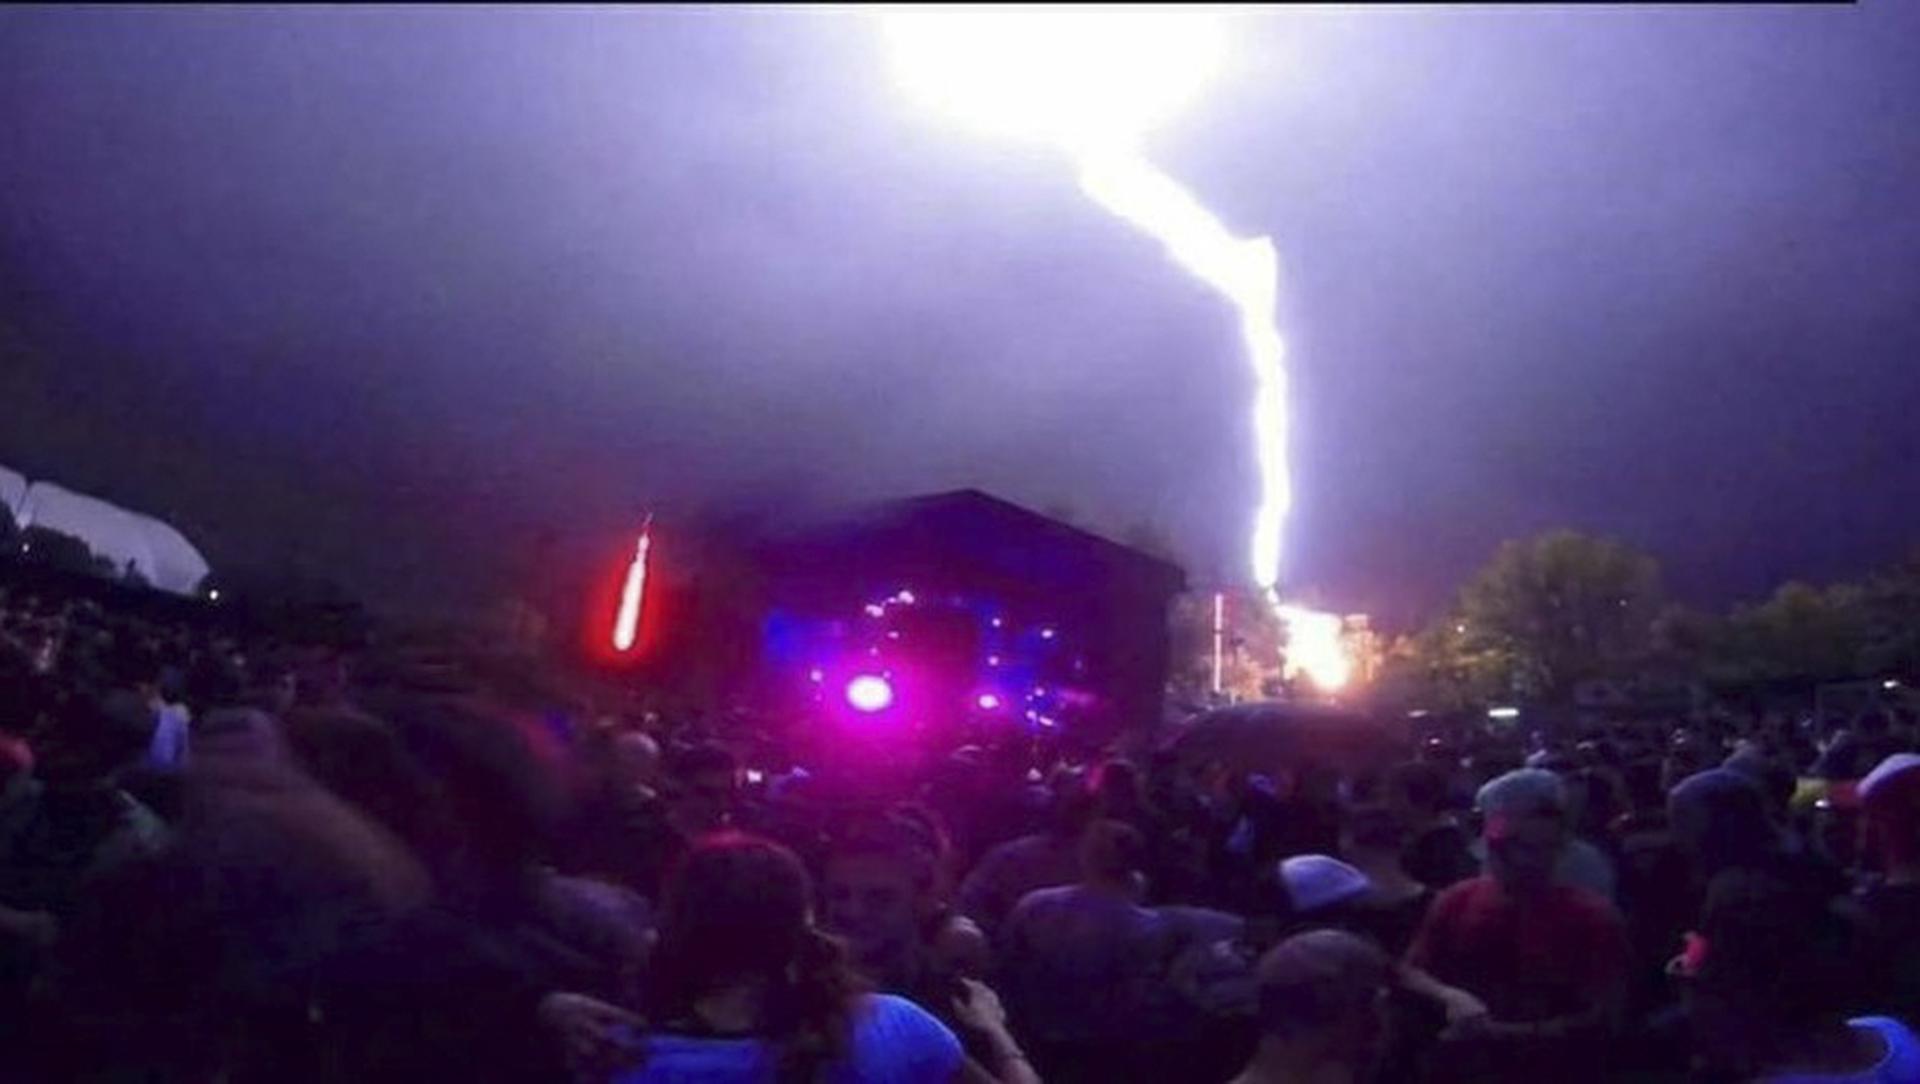 Durante la madrugada un rayo cayó en el medio de la fiesta Buenos Aires Trance